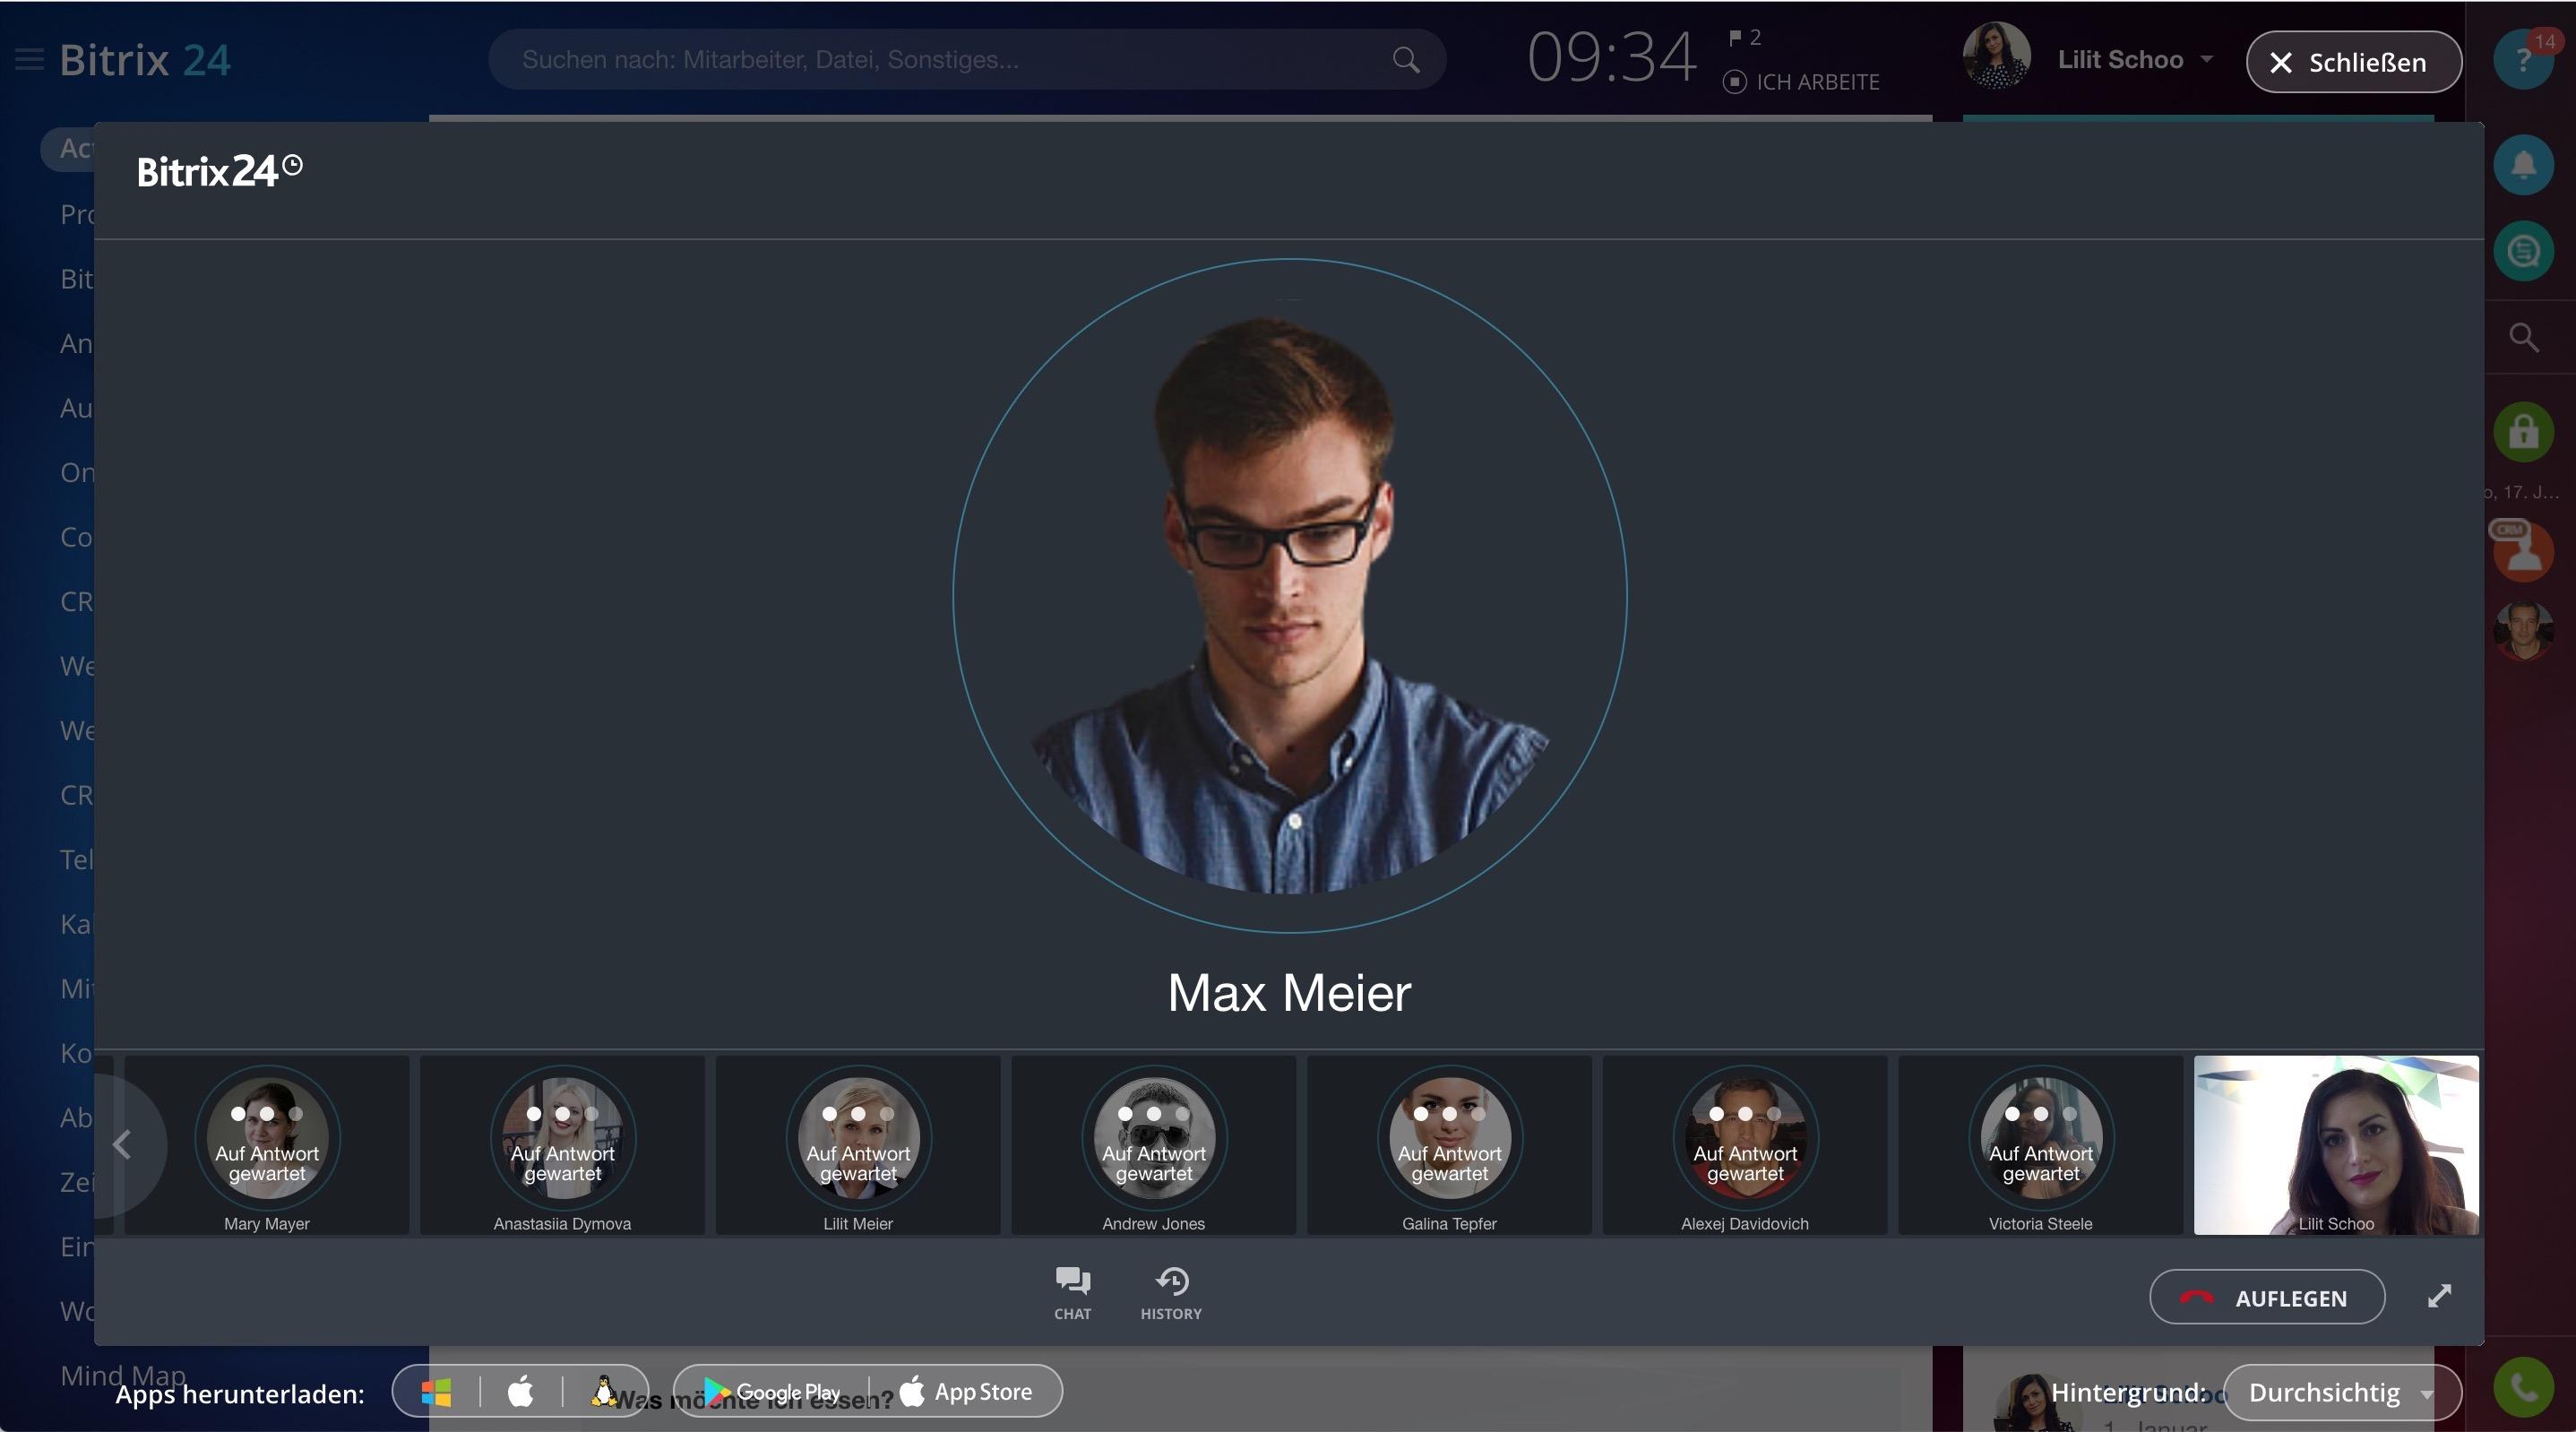 Video-Gruppenchat bis zu 10 Personen